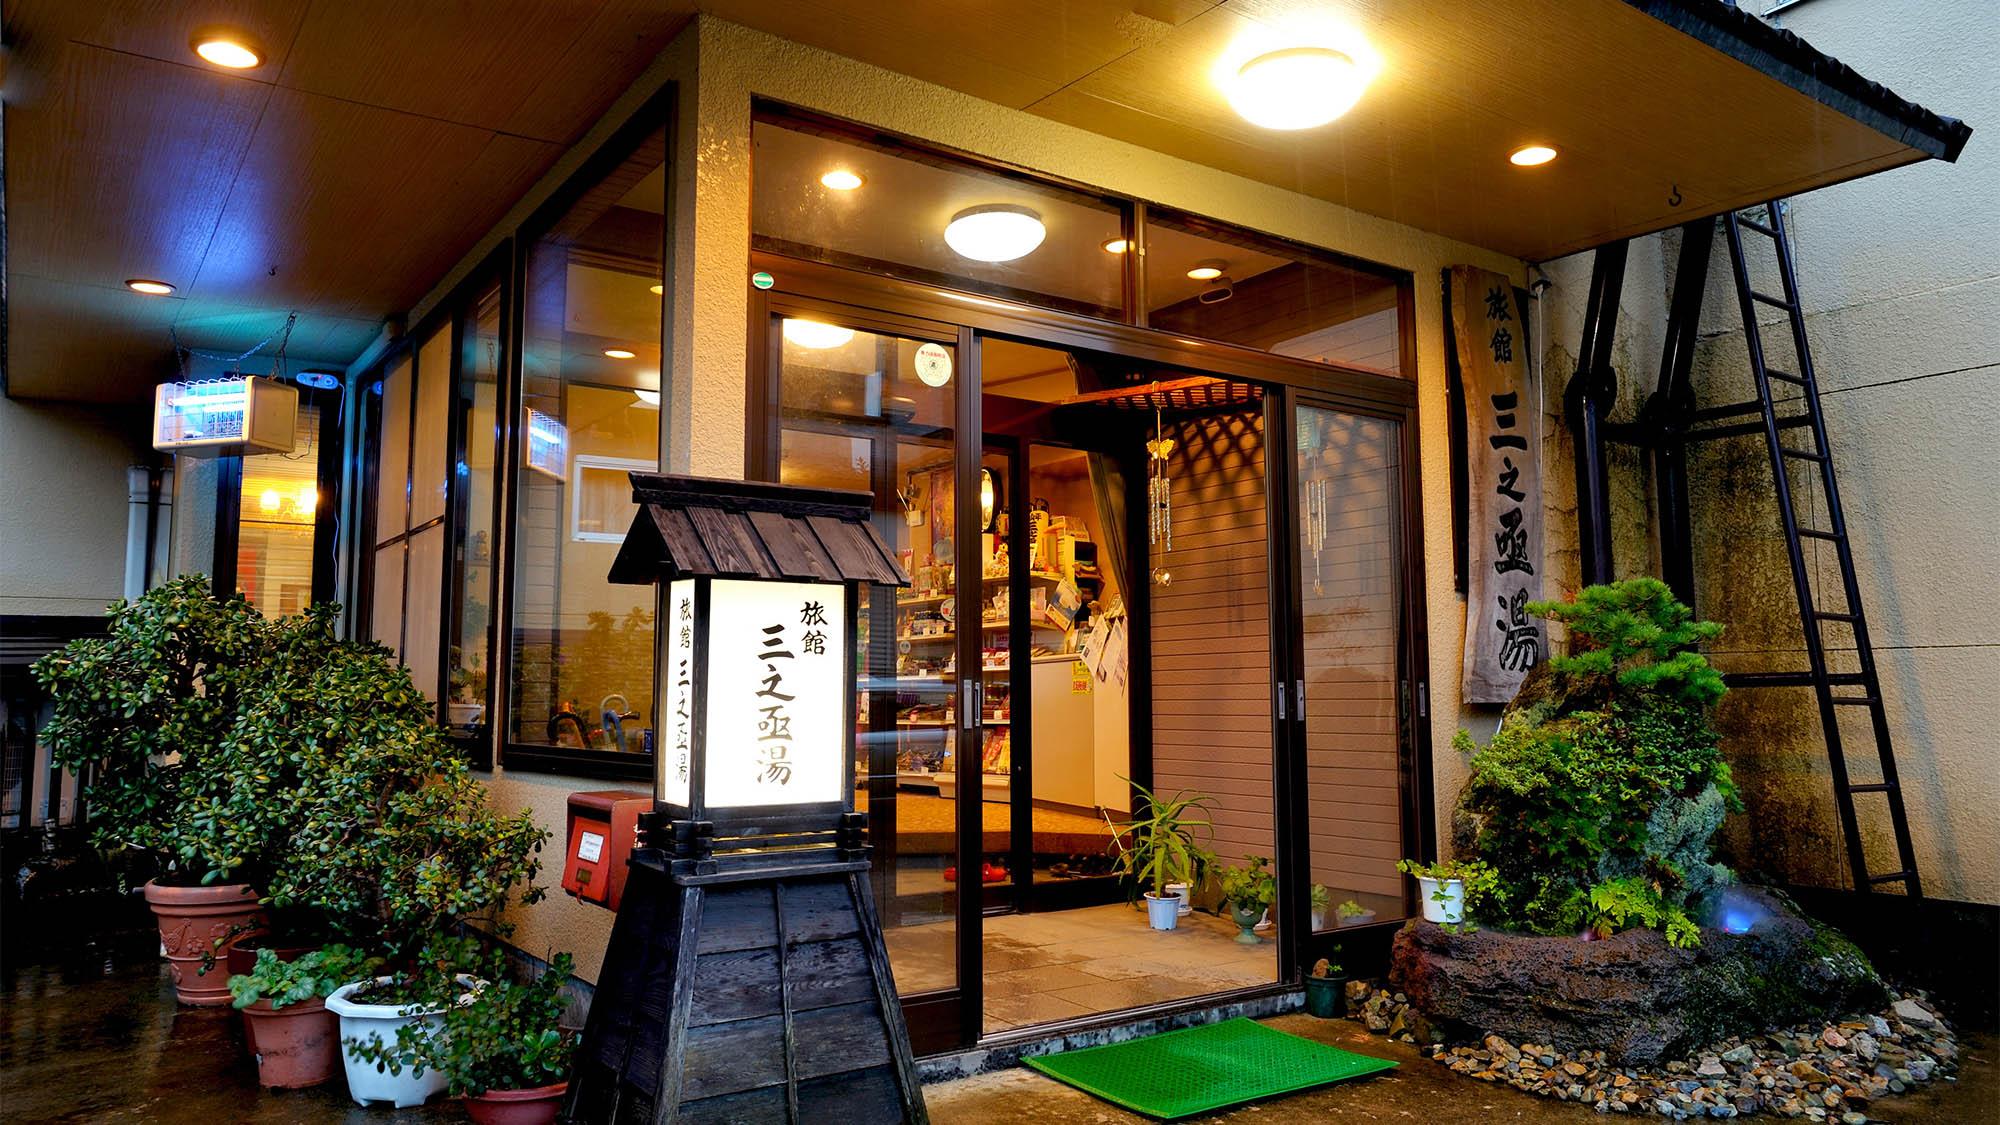 鳴子温泉で日帰りプランがある温泉宿をおしえて!